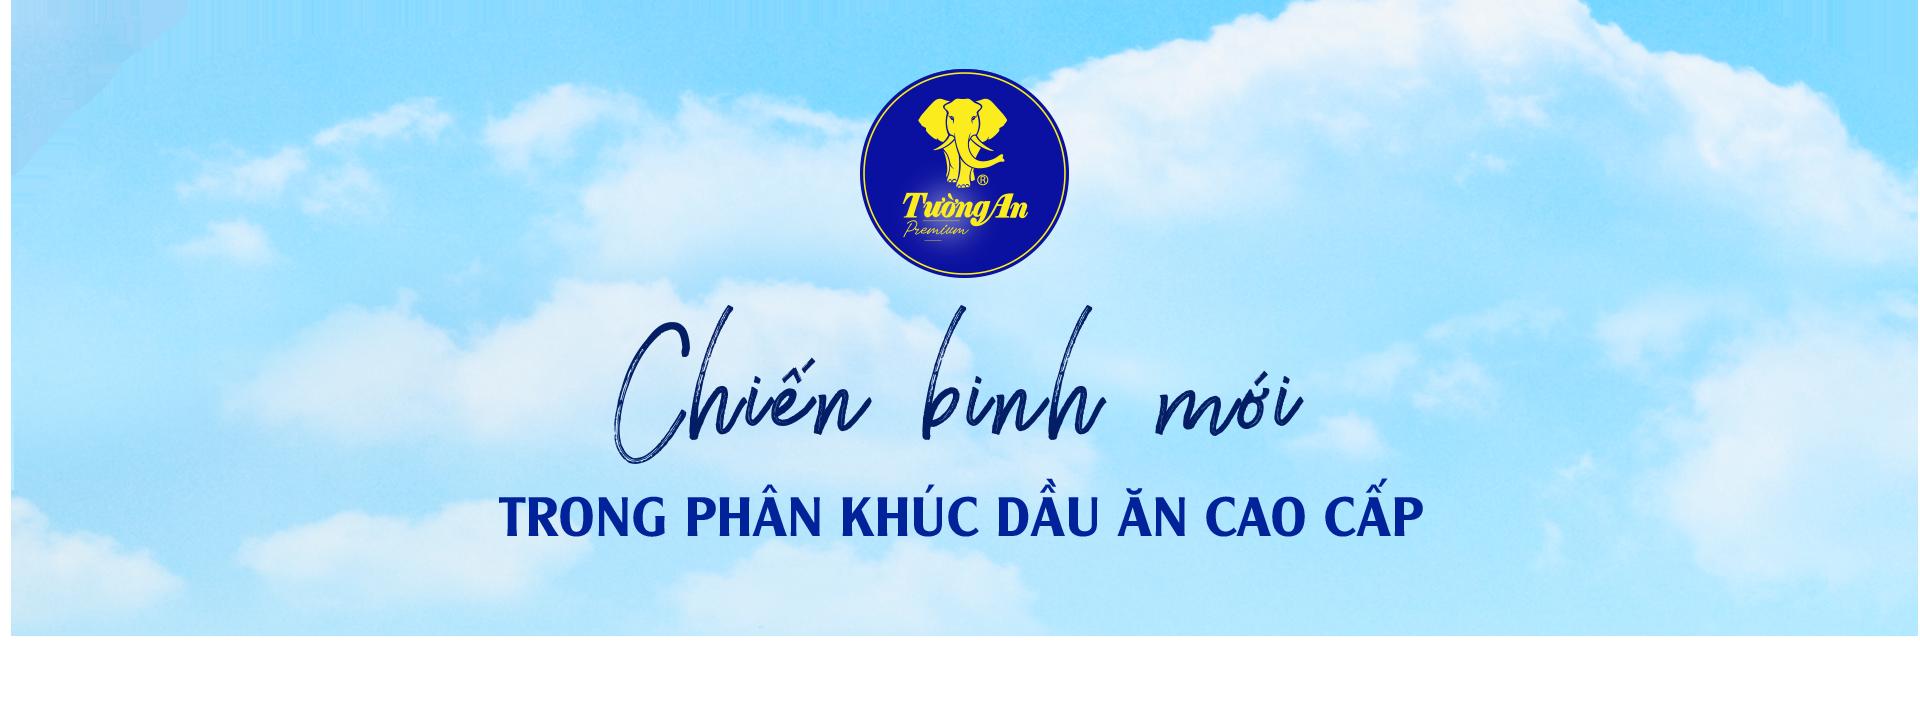 Hành trình tự hào của thương hiệu Dầu đậu nành đầu tiên tại Việt Nam - 9